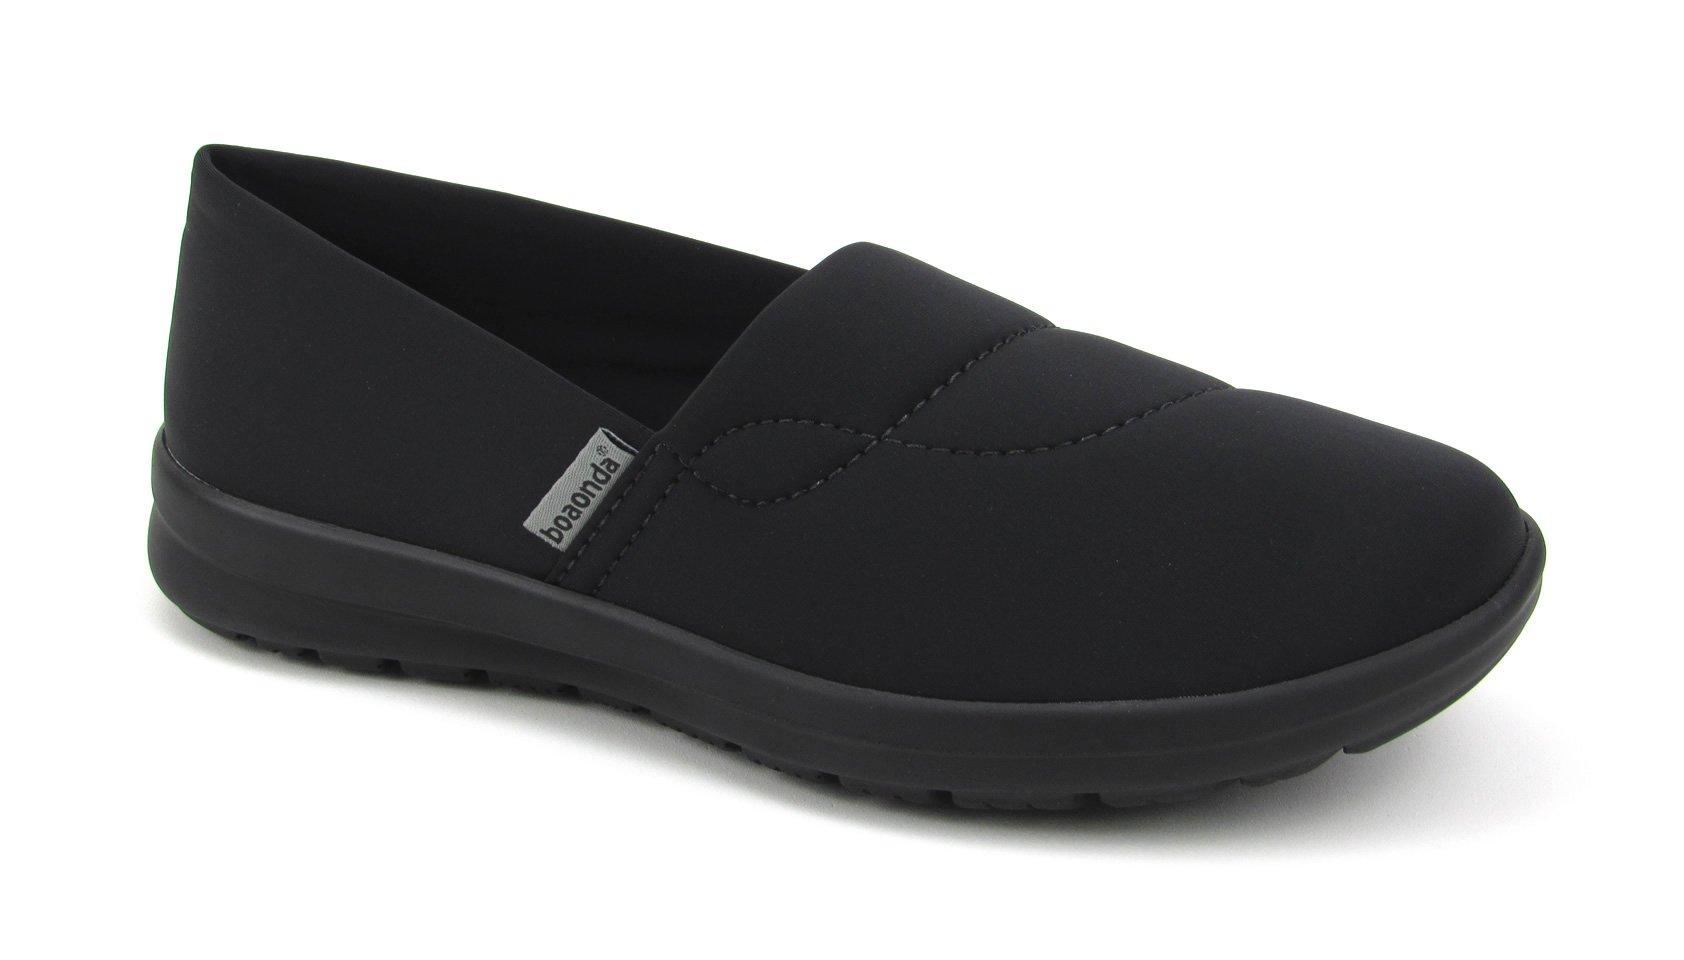 Women's Cute Memory Foam Nursing Shoes - Printed - Florence Ocean (7, Black)